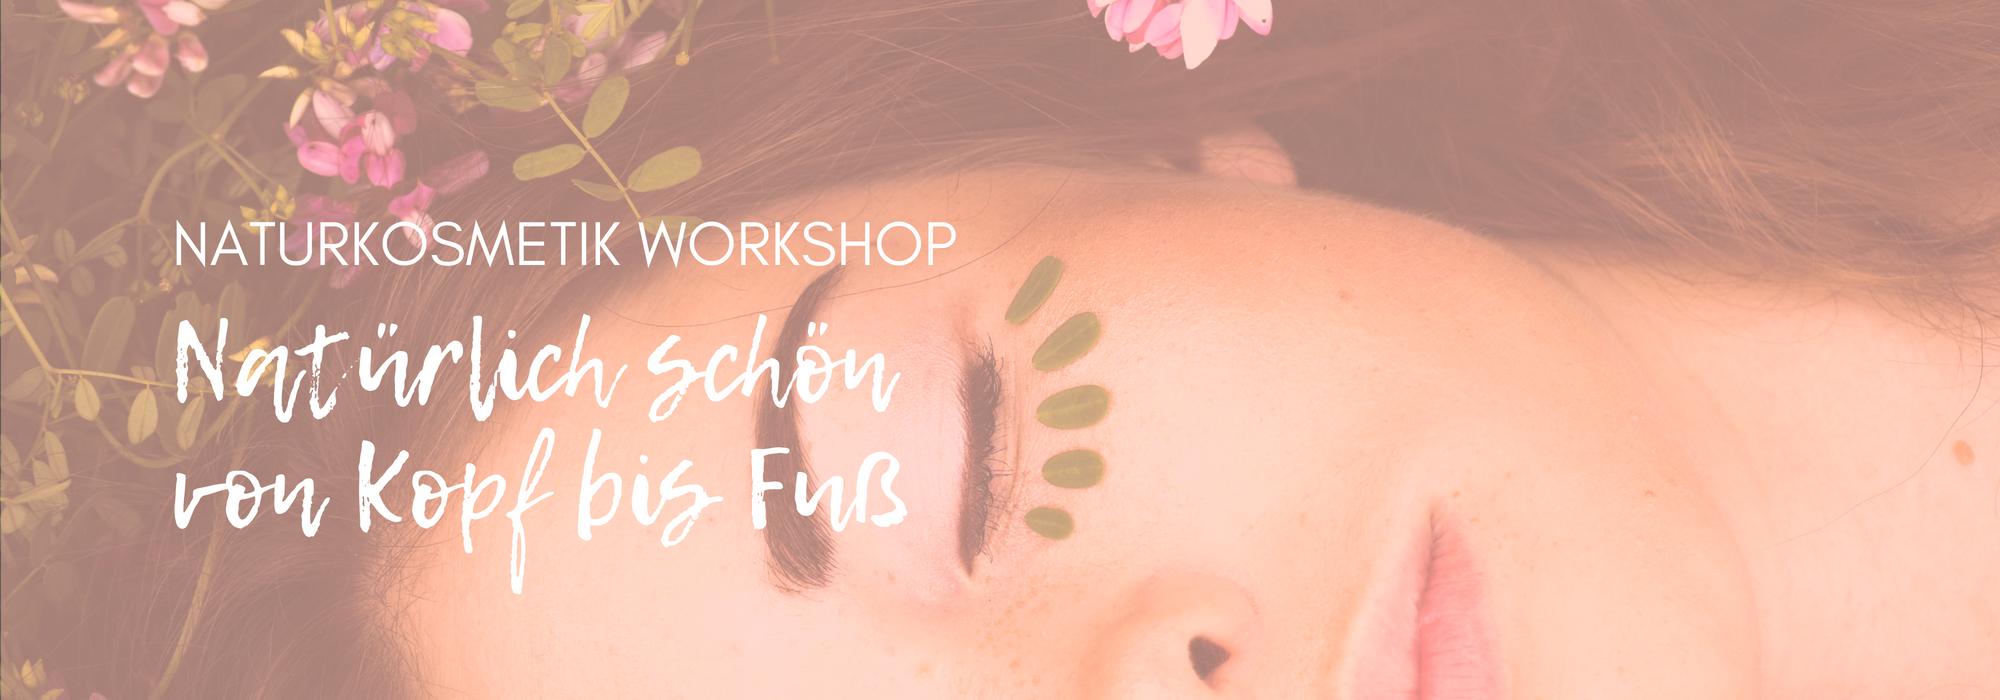 Herbalicious - Naturkosmetik Workshop Natürlich schön von Kopf bis Fuß